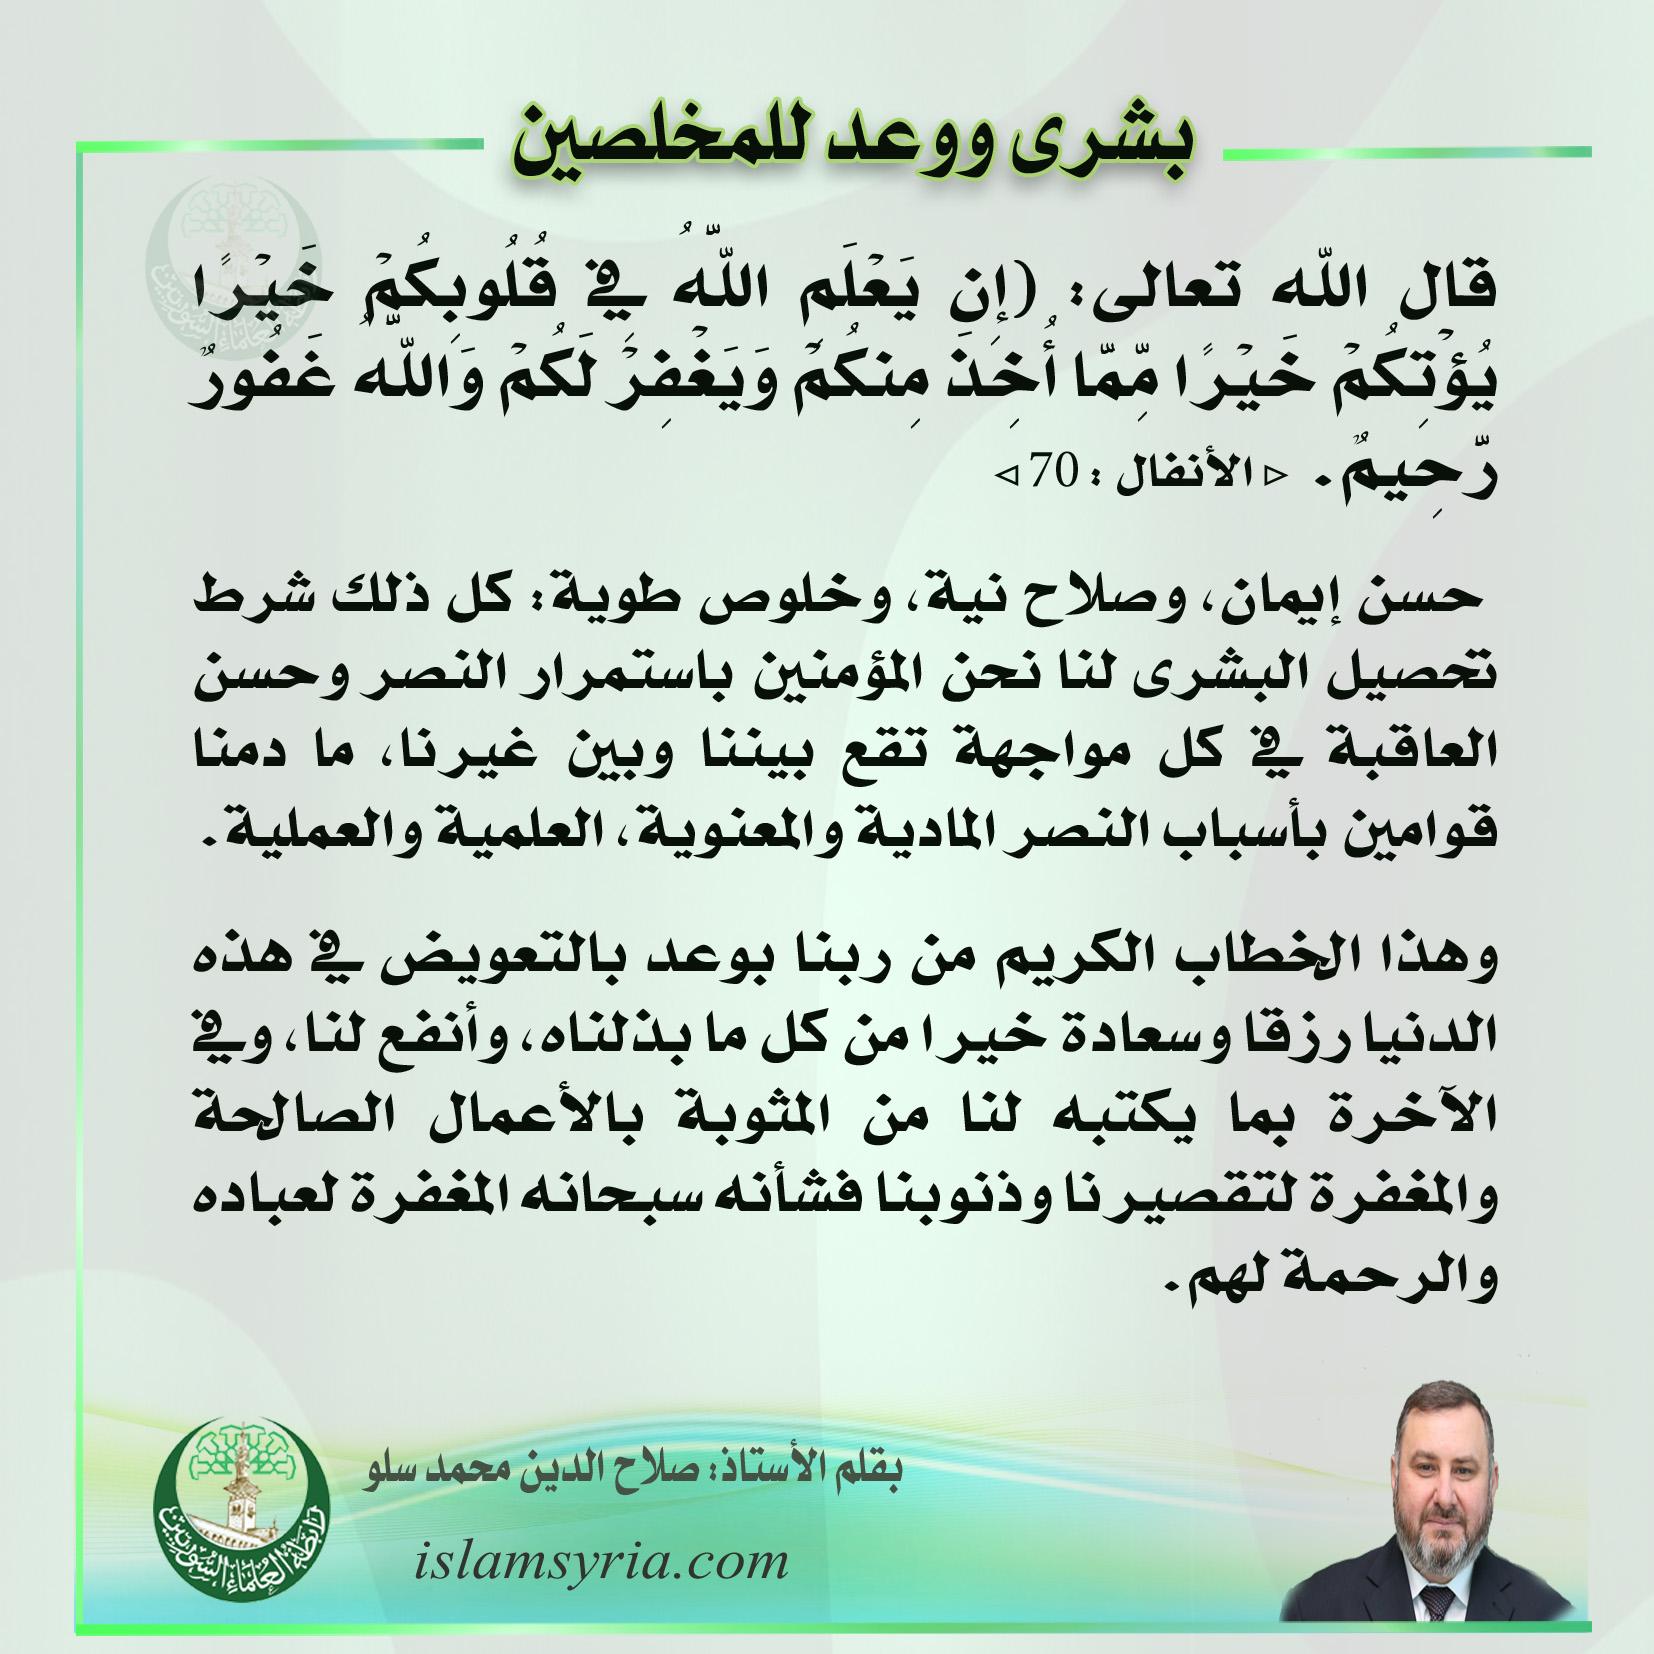 بشرى ووعد للمخلصين||الأستاذ صلاح الدين محمد سلو